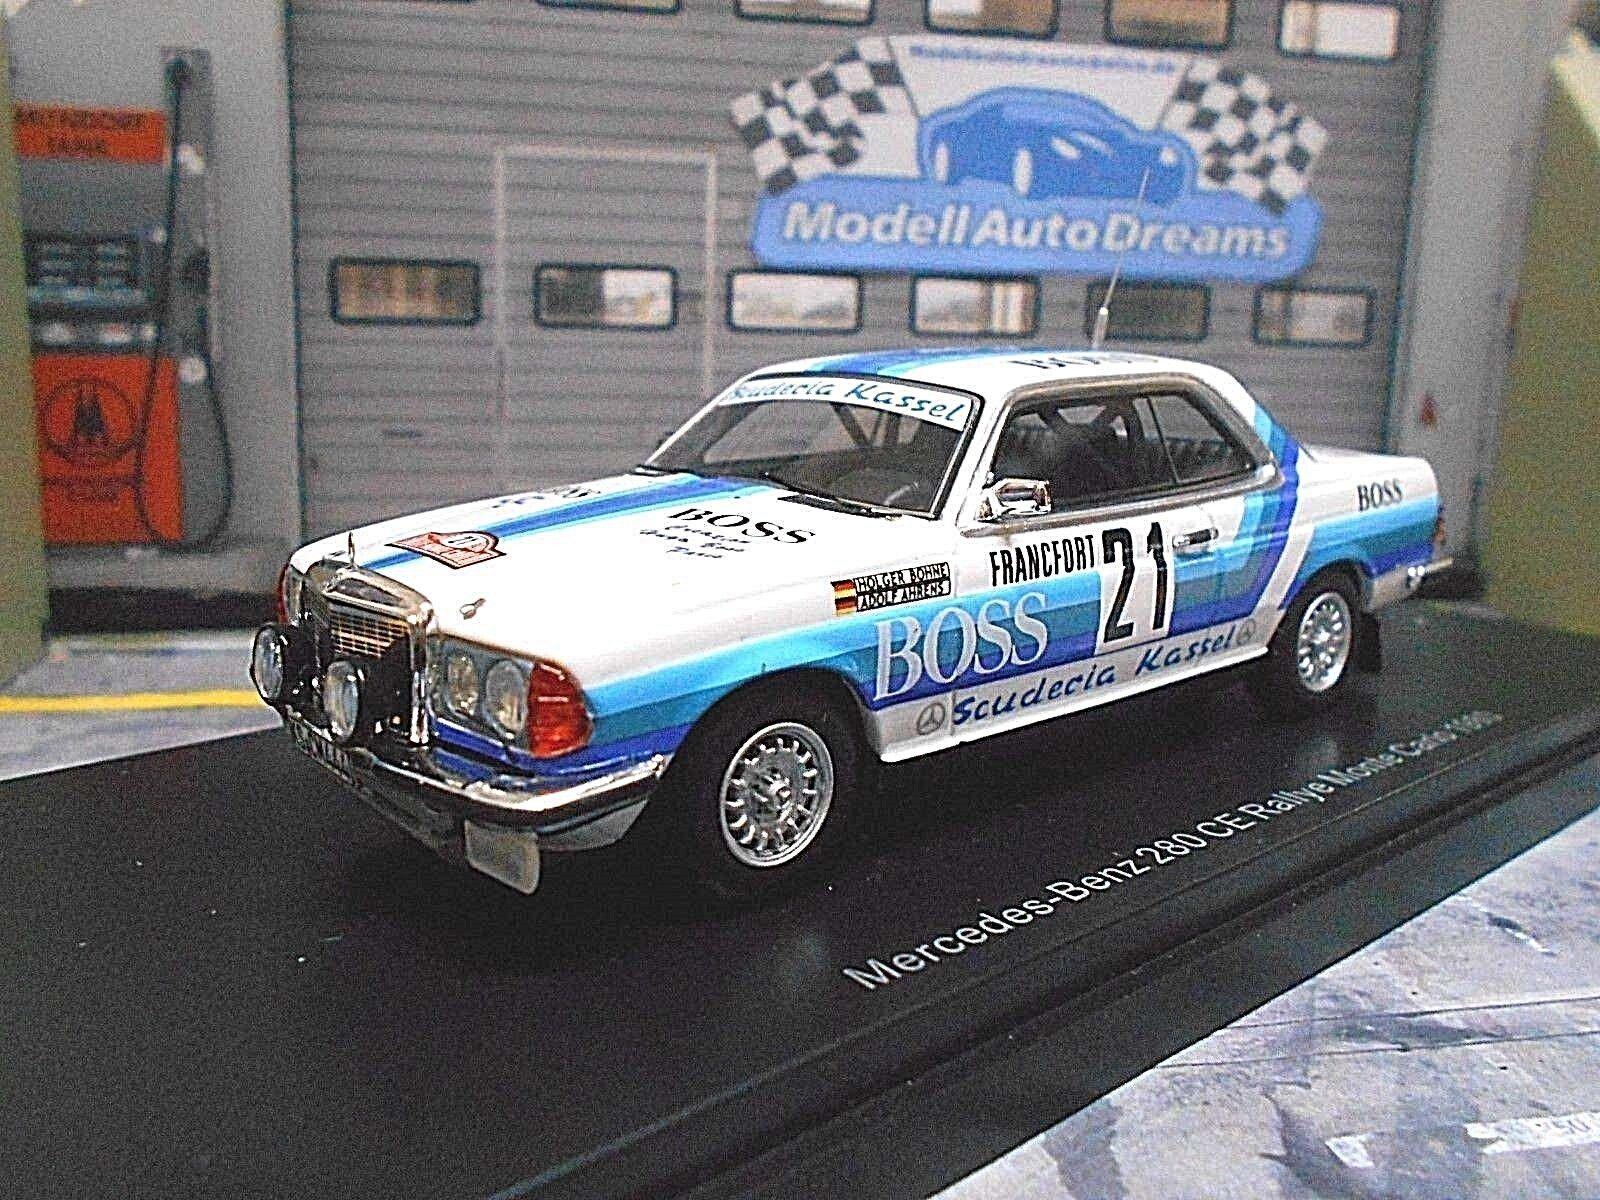 MERCEDES 280 CE W123 Rallye Monte Carlo  21 Bohne 1980 S. Kassel Boss NEO 1 43